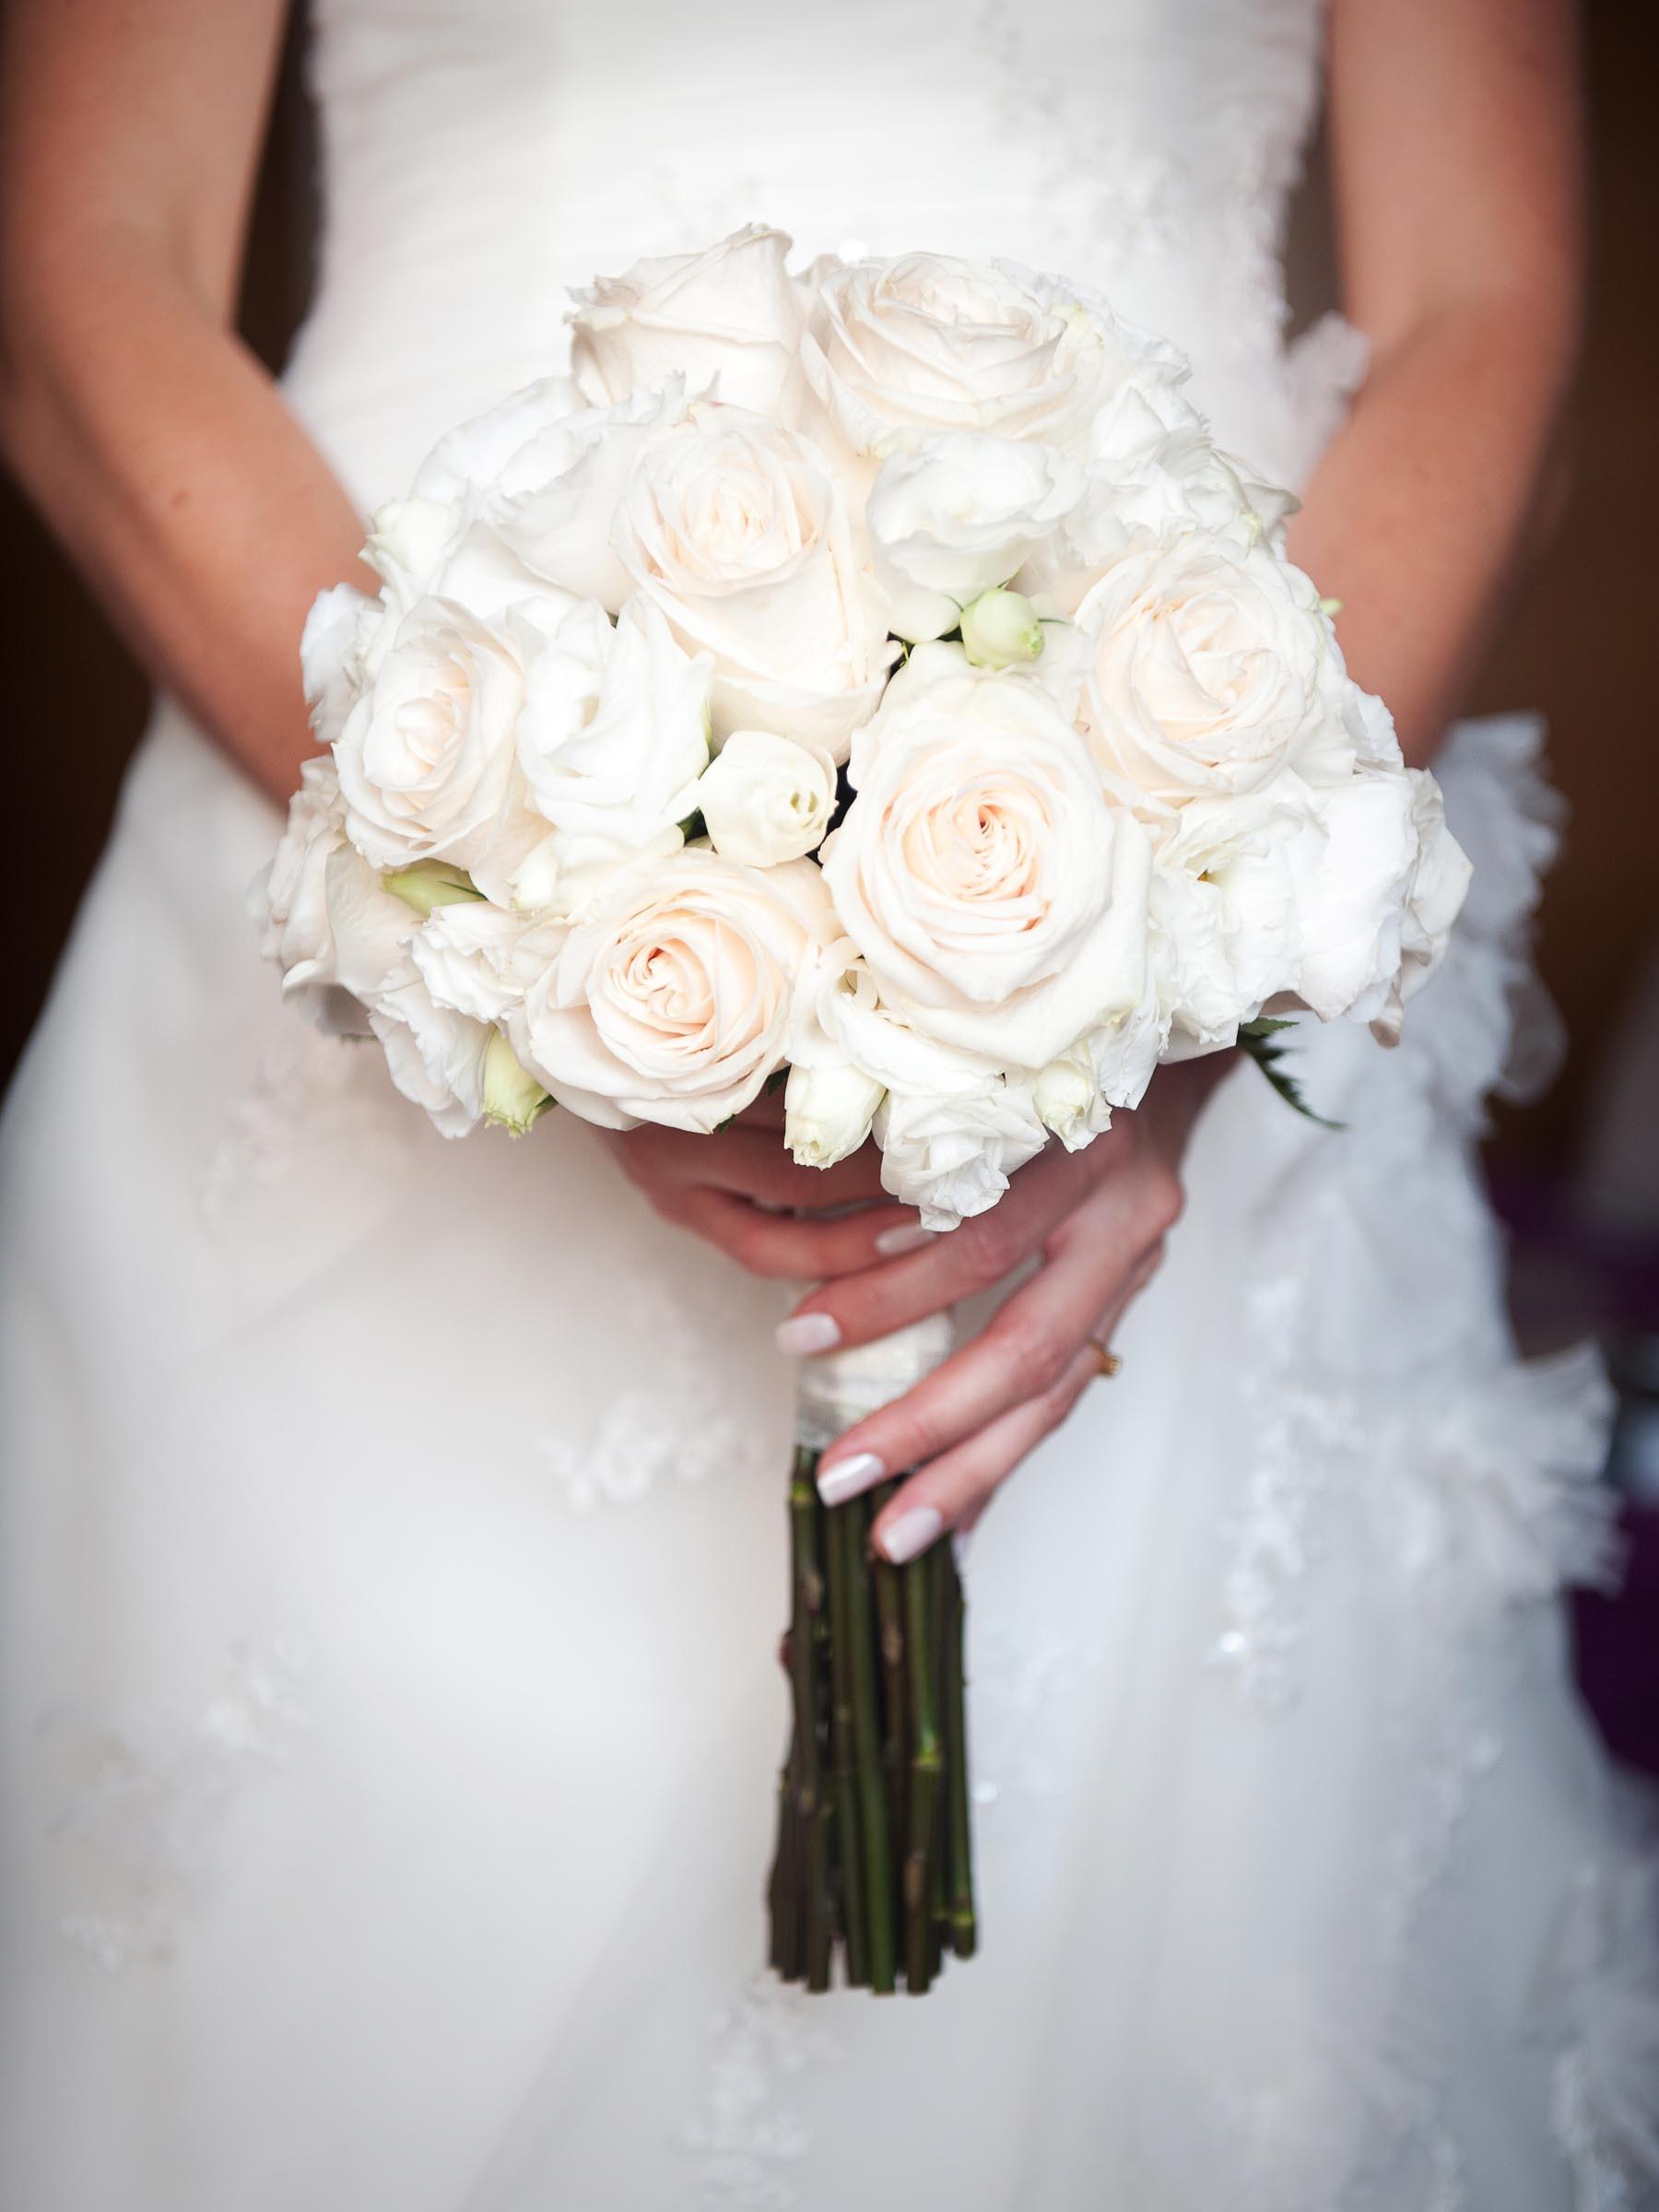 Hochzeitsstrau aus weien Rosen  Heiraten mit brautde